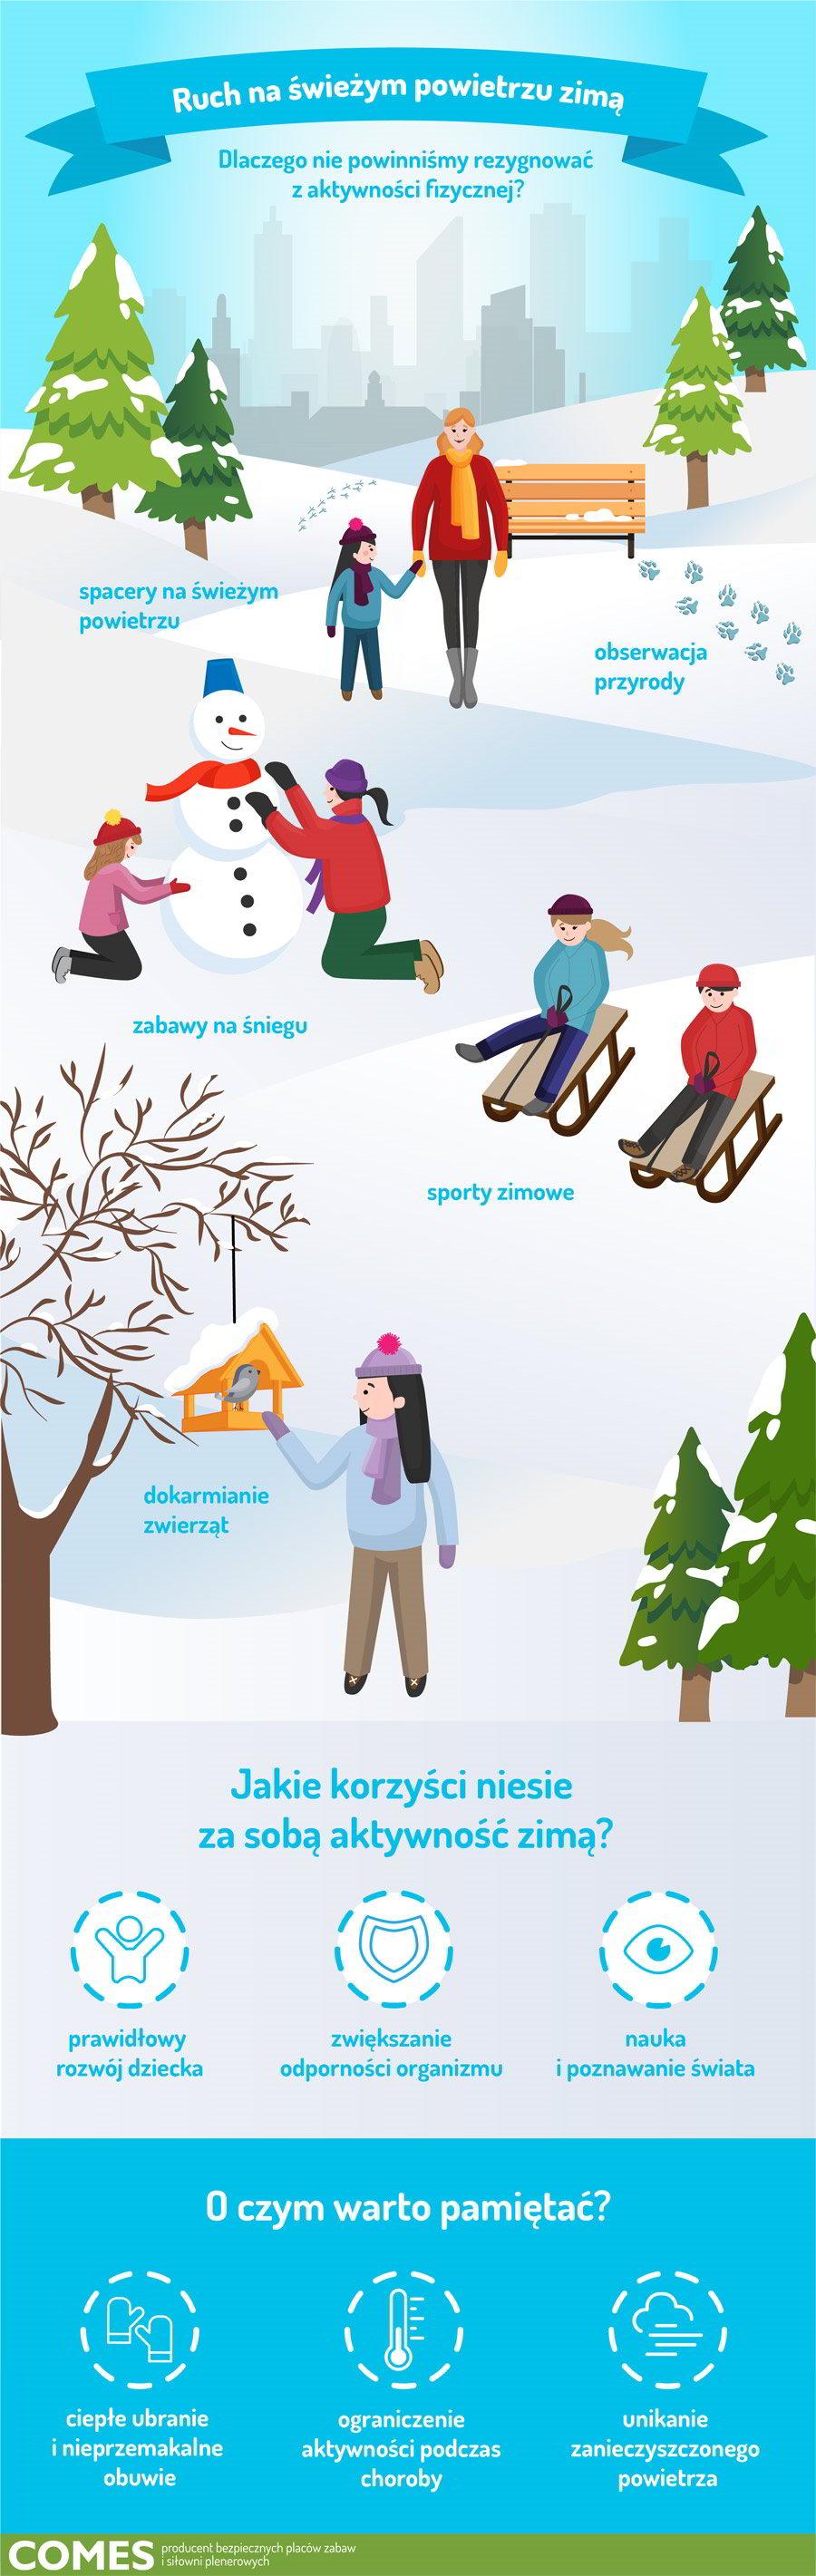 ruch na świeżym powietrzu zimą